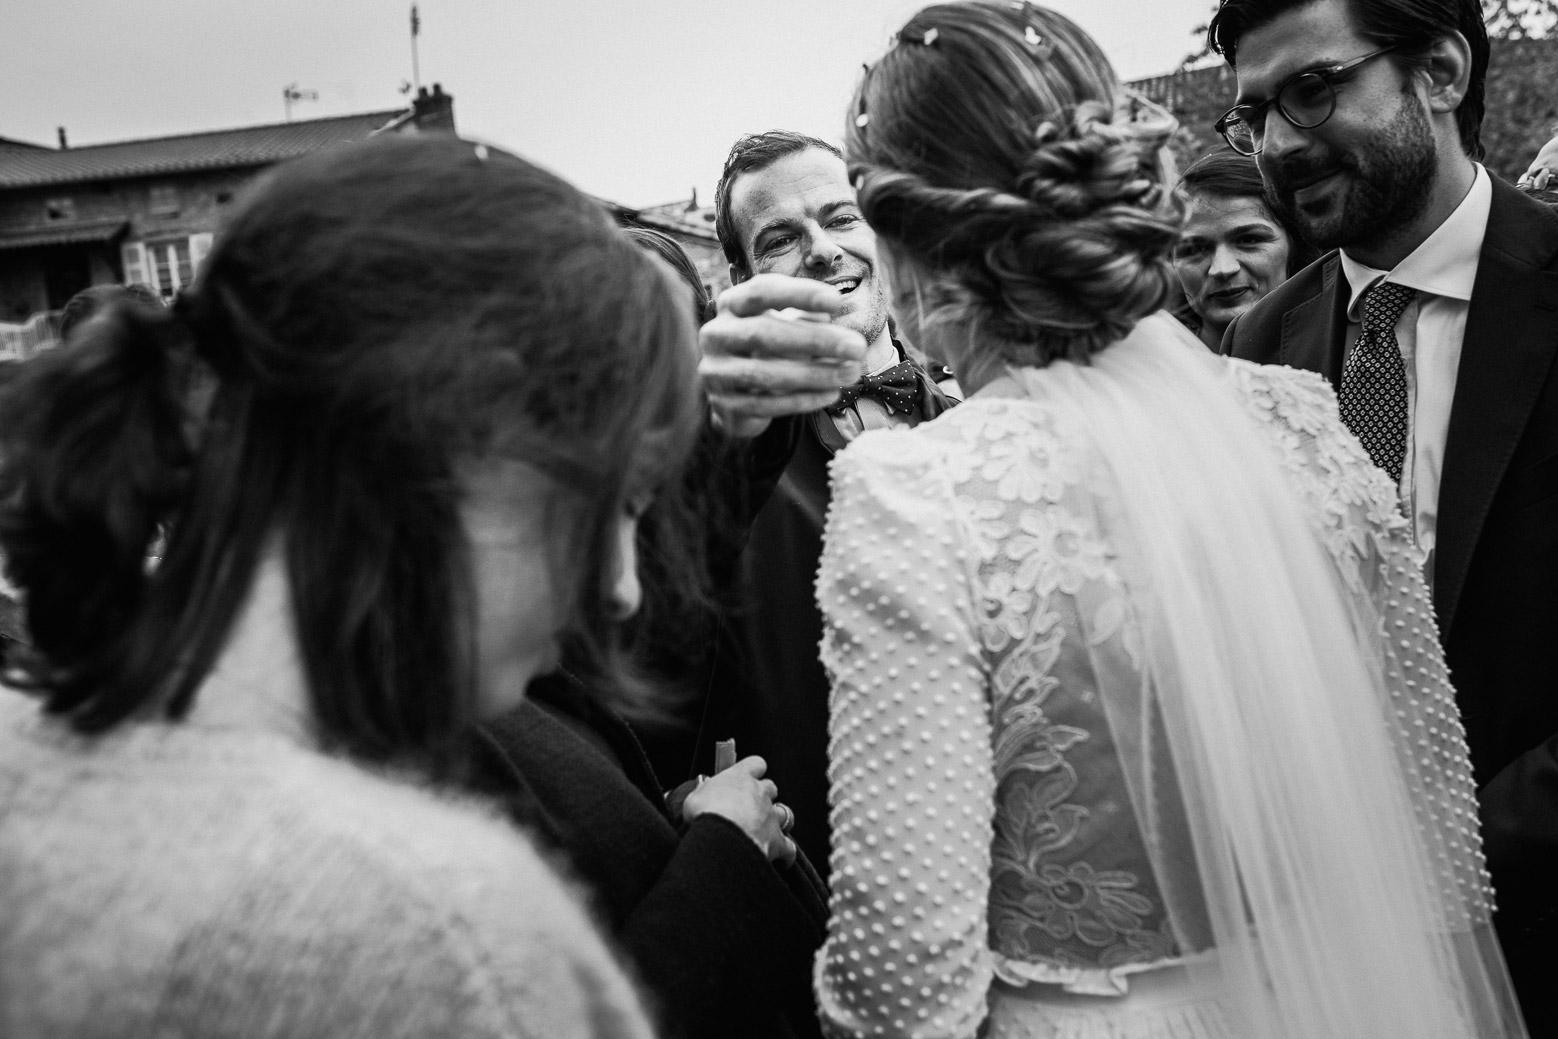 Reportage photo de mariage à Lyon - Manoir de la Garde. Les invités félicitent la mariée